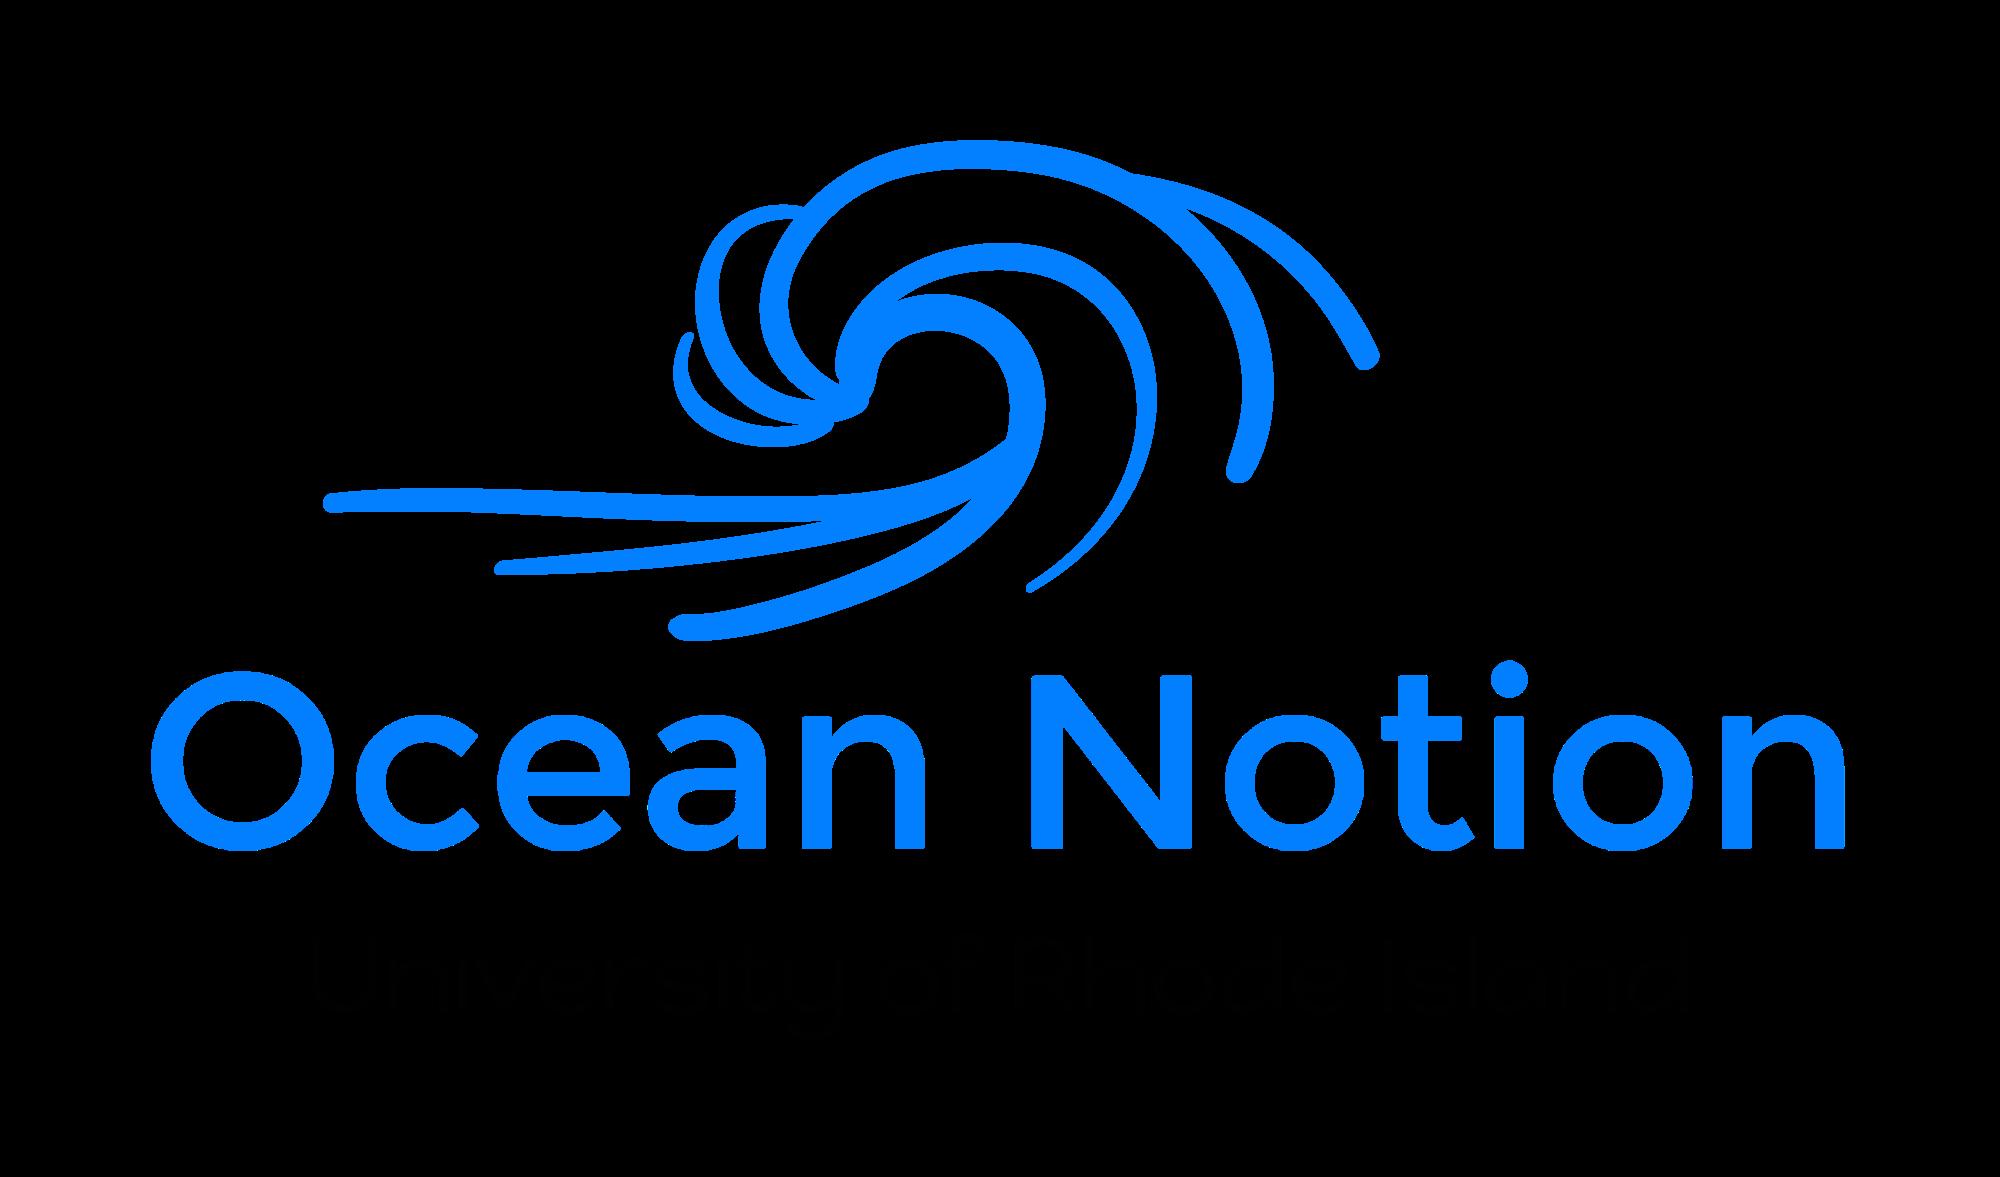 Ocean Notion-logo (3).png